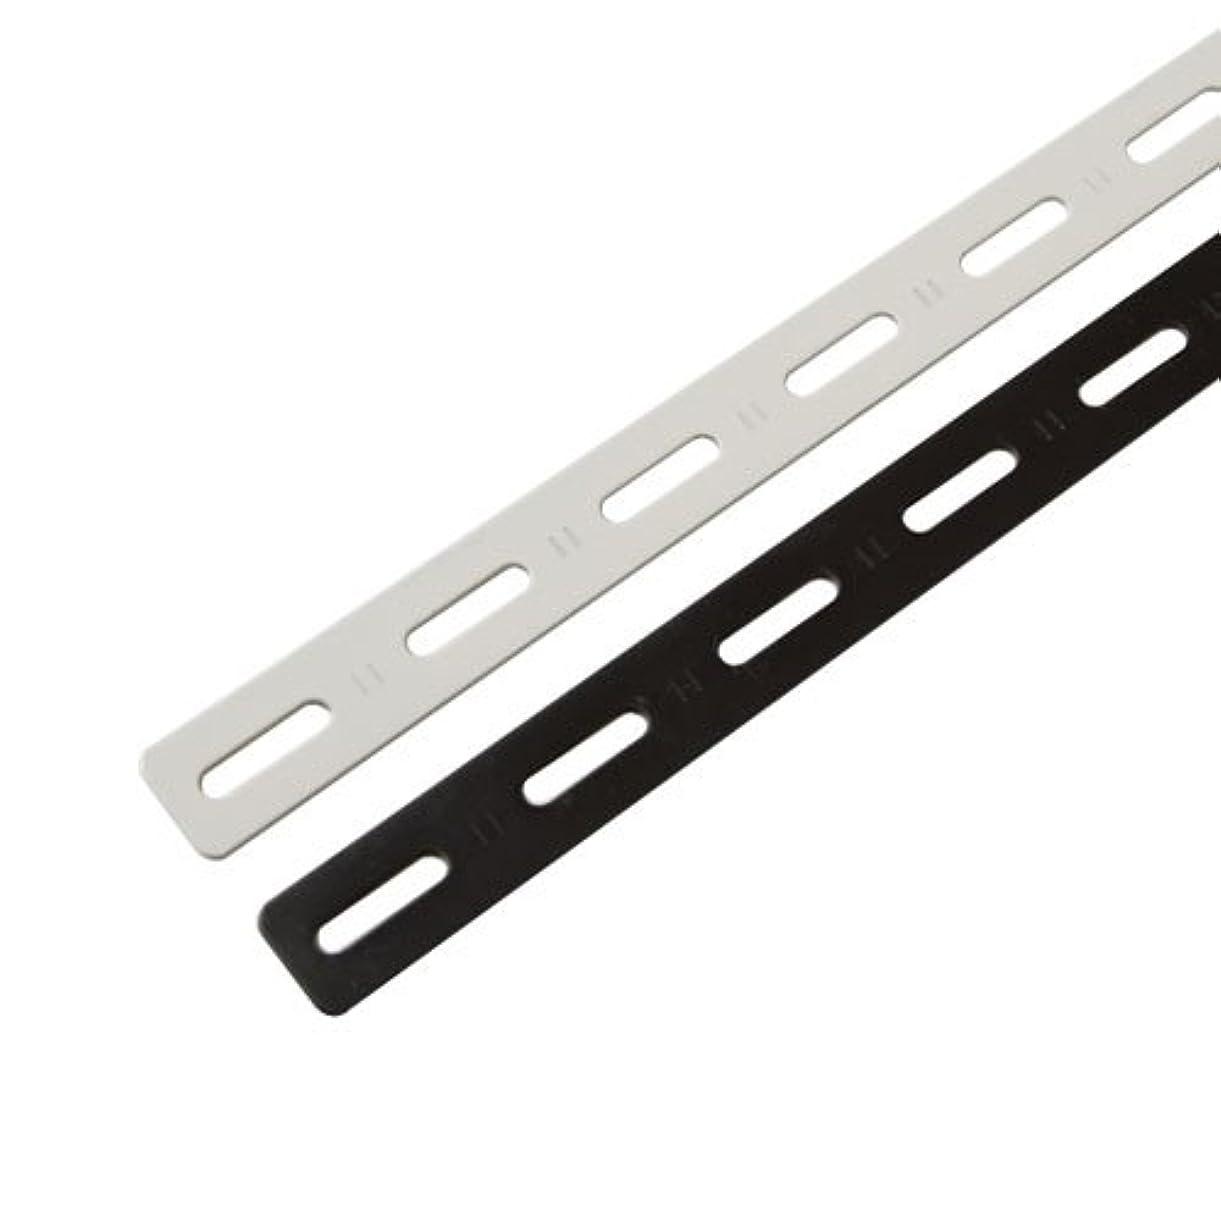 交換可能簡単な解明フラットバー30型 1800mm ブラック